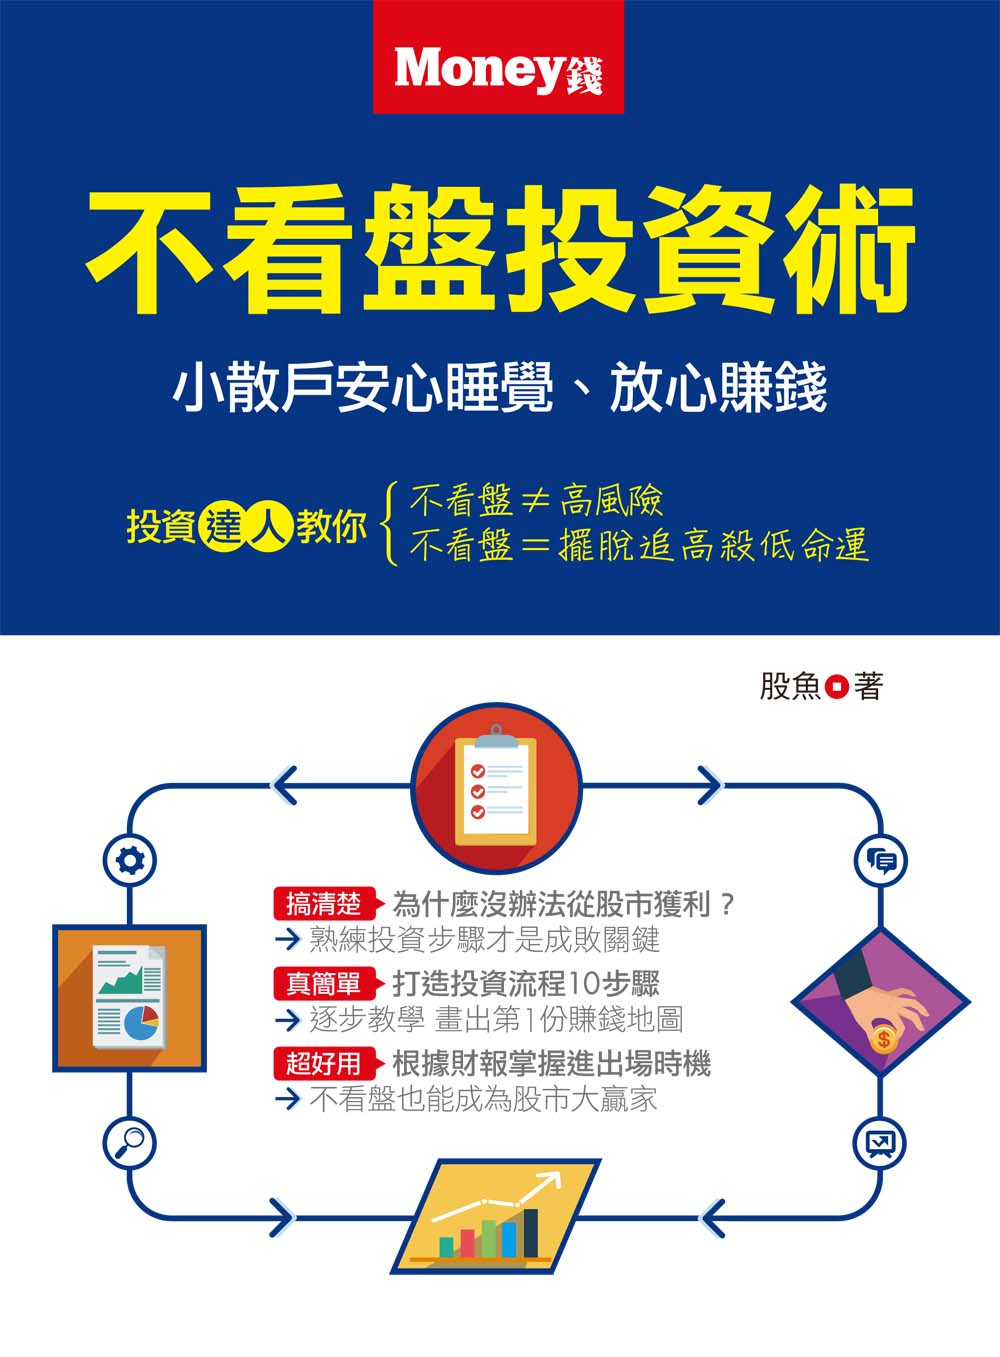 http://im2.book.com.tw/image/getImage?i=http://www.books.com.tw/img/001/064/42/0010644261_bc_01.jpg&v=53e35681&w=655&h=609